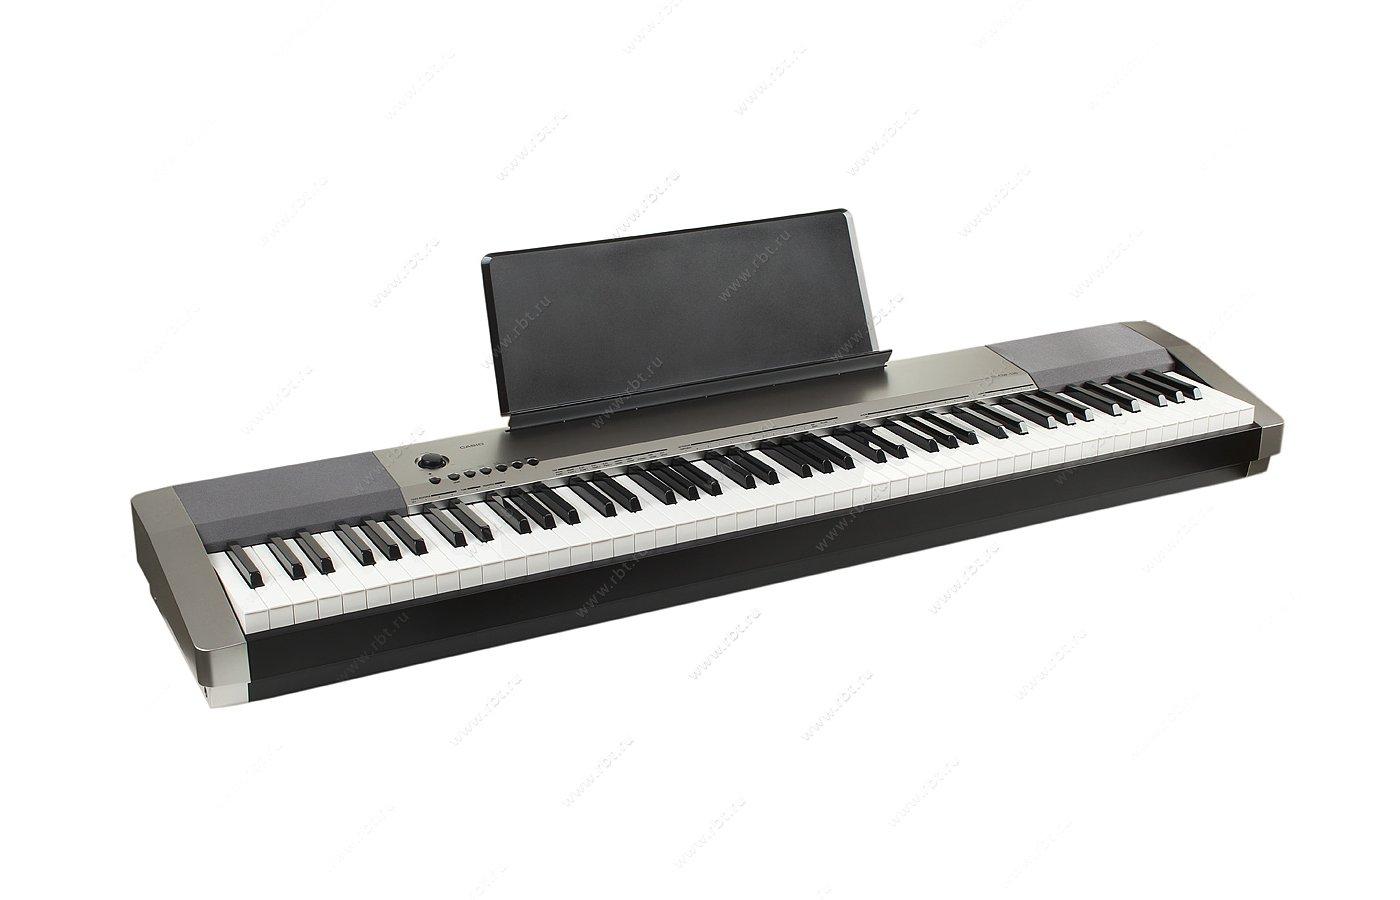 Музыкальный инструмент CASIO CDP-130SR